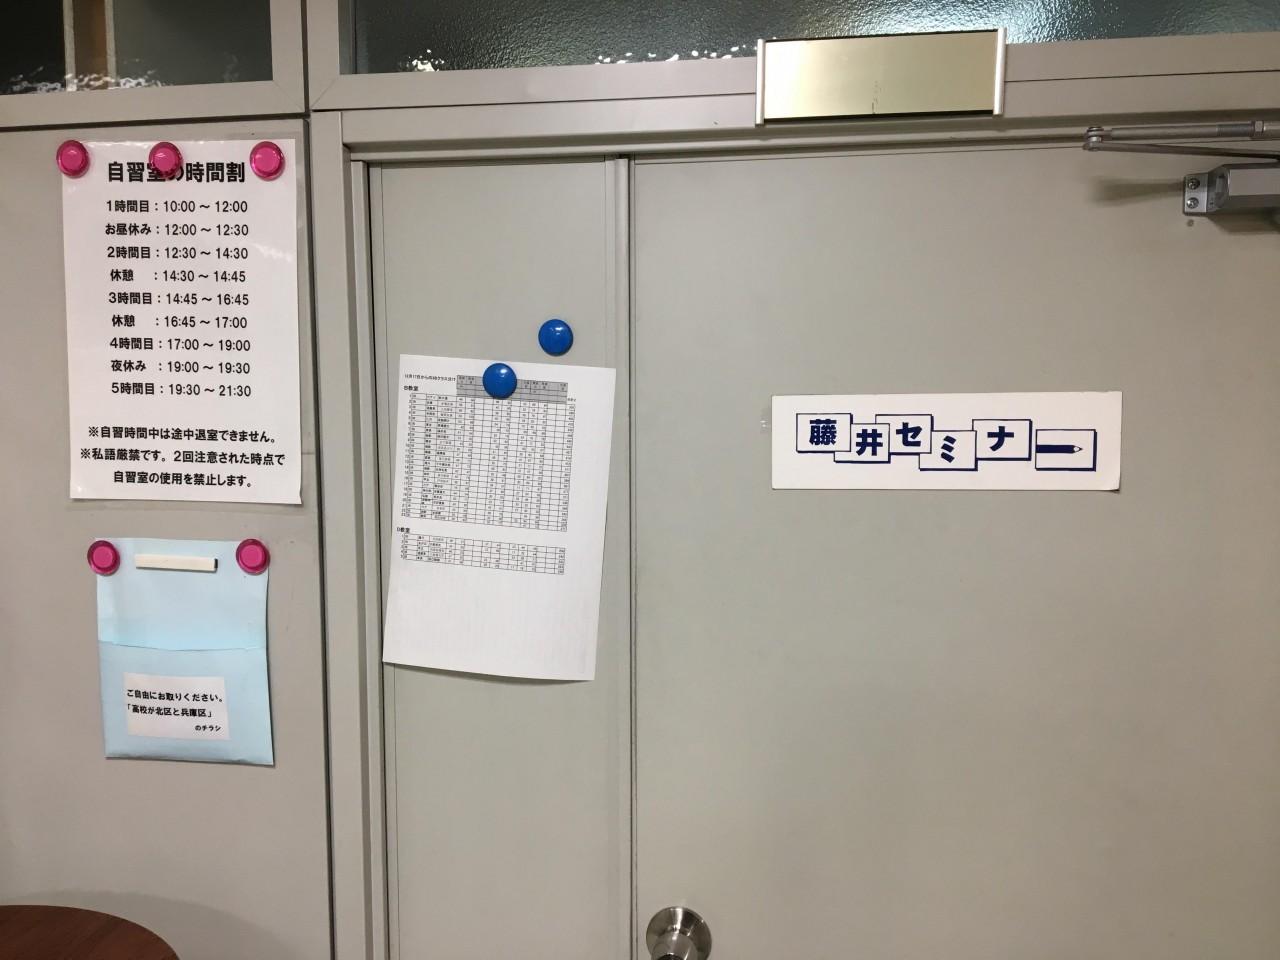 藤井セミナー 三宮 予備校 大学受験 入口 塾 評判 ランキング